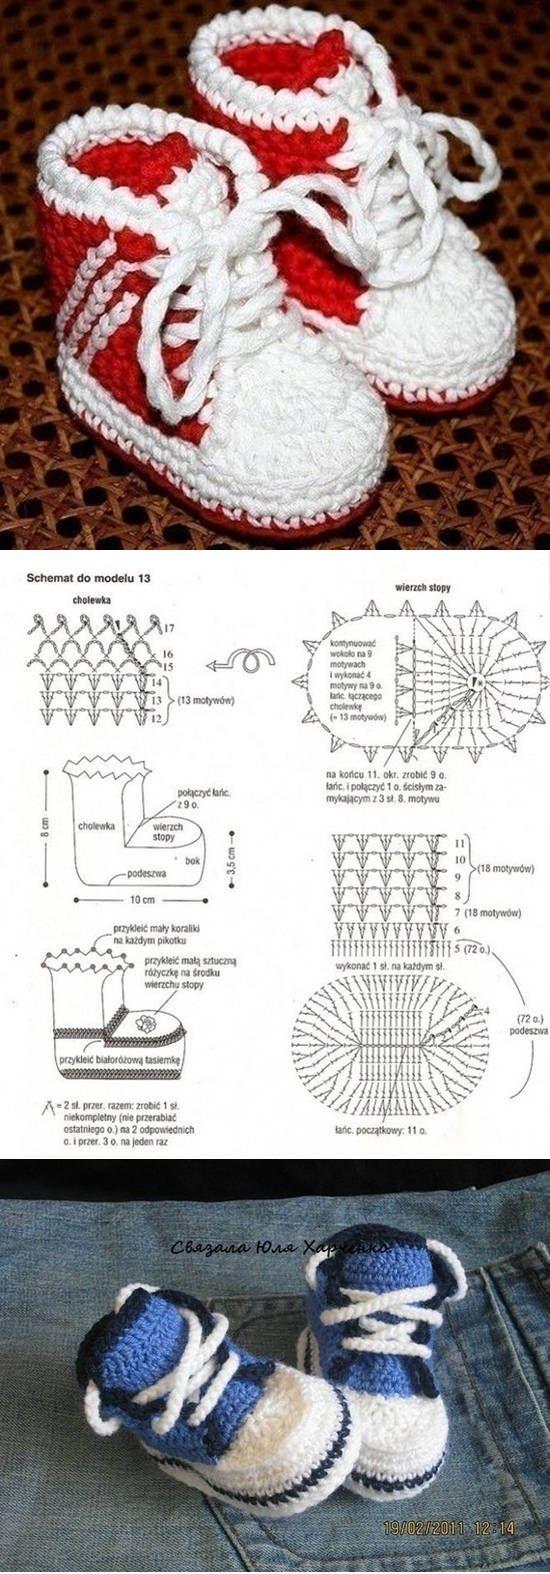 DIY impresionante modelo lindo botines del bebé | pantuflas a ...